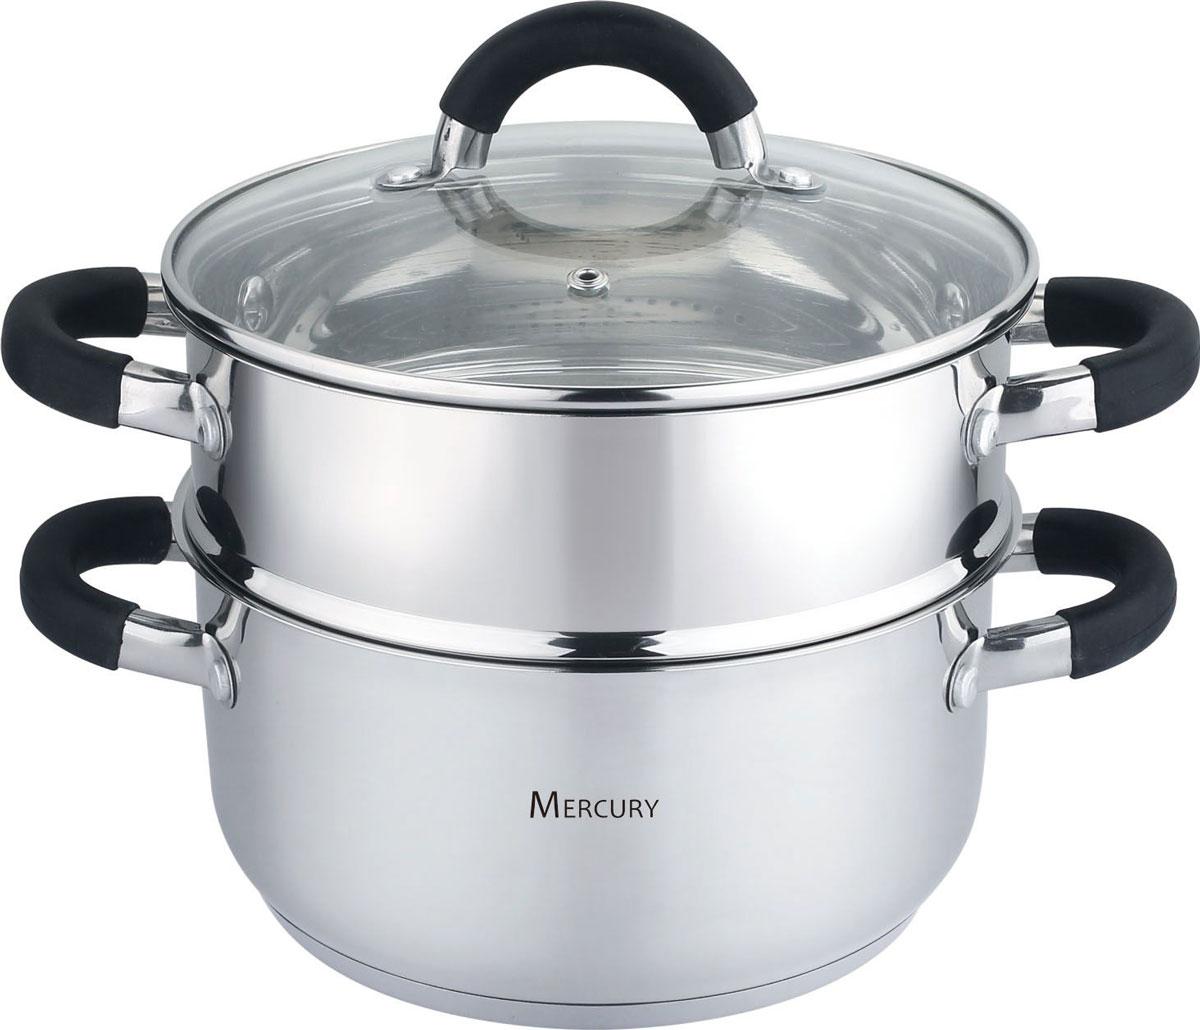 Пароварка  Mercury , 3,5 л. MC-6652 - Посуда для приготовления